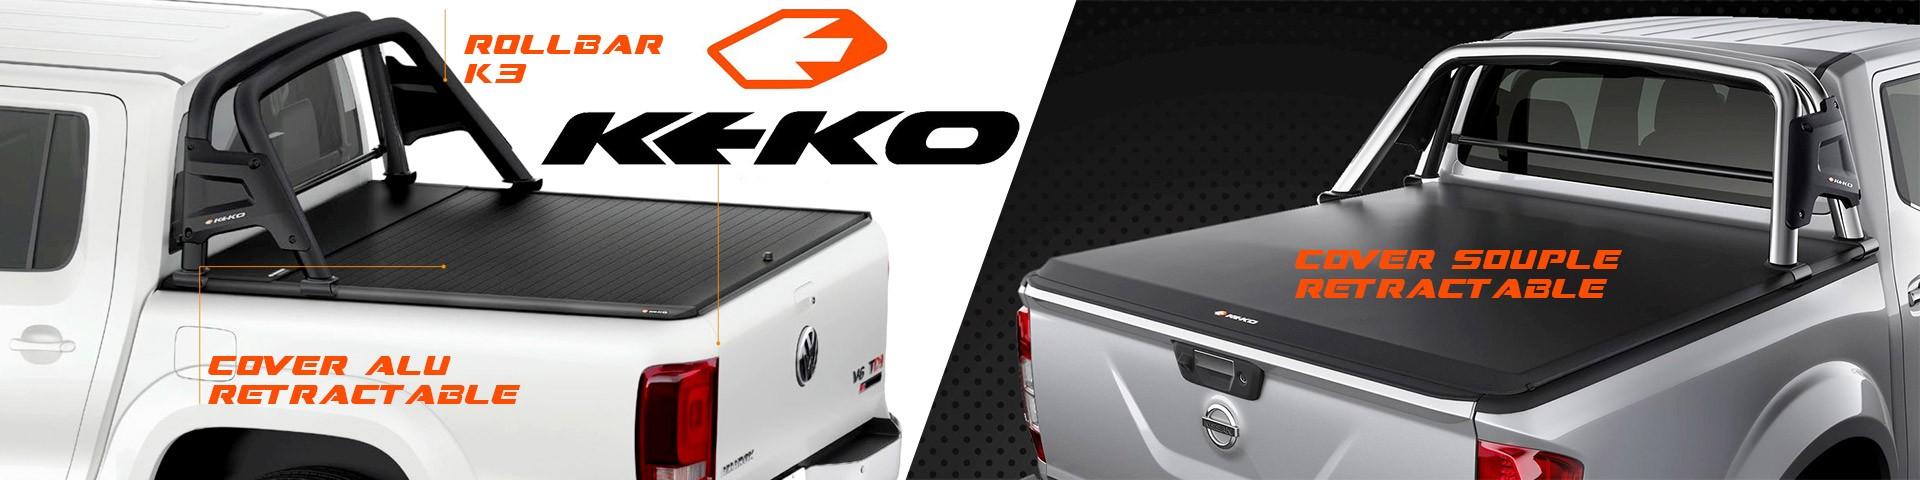 Accessoires4x4, les nouveautées :  Keko